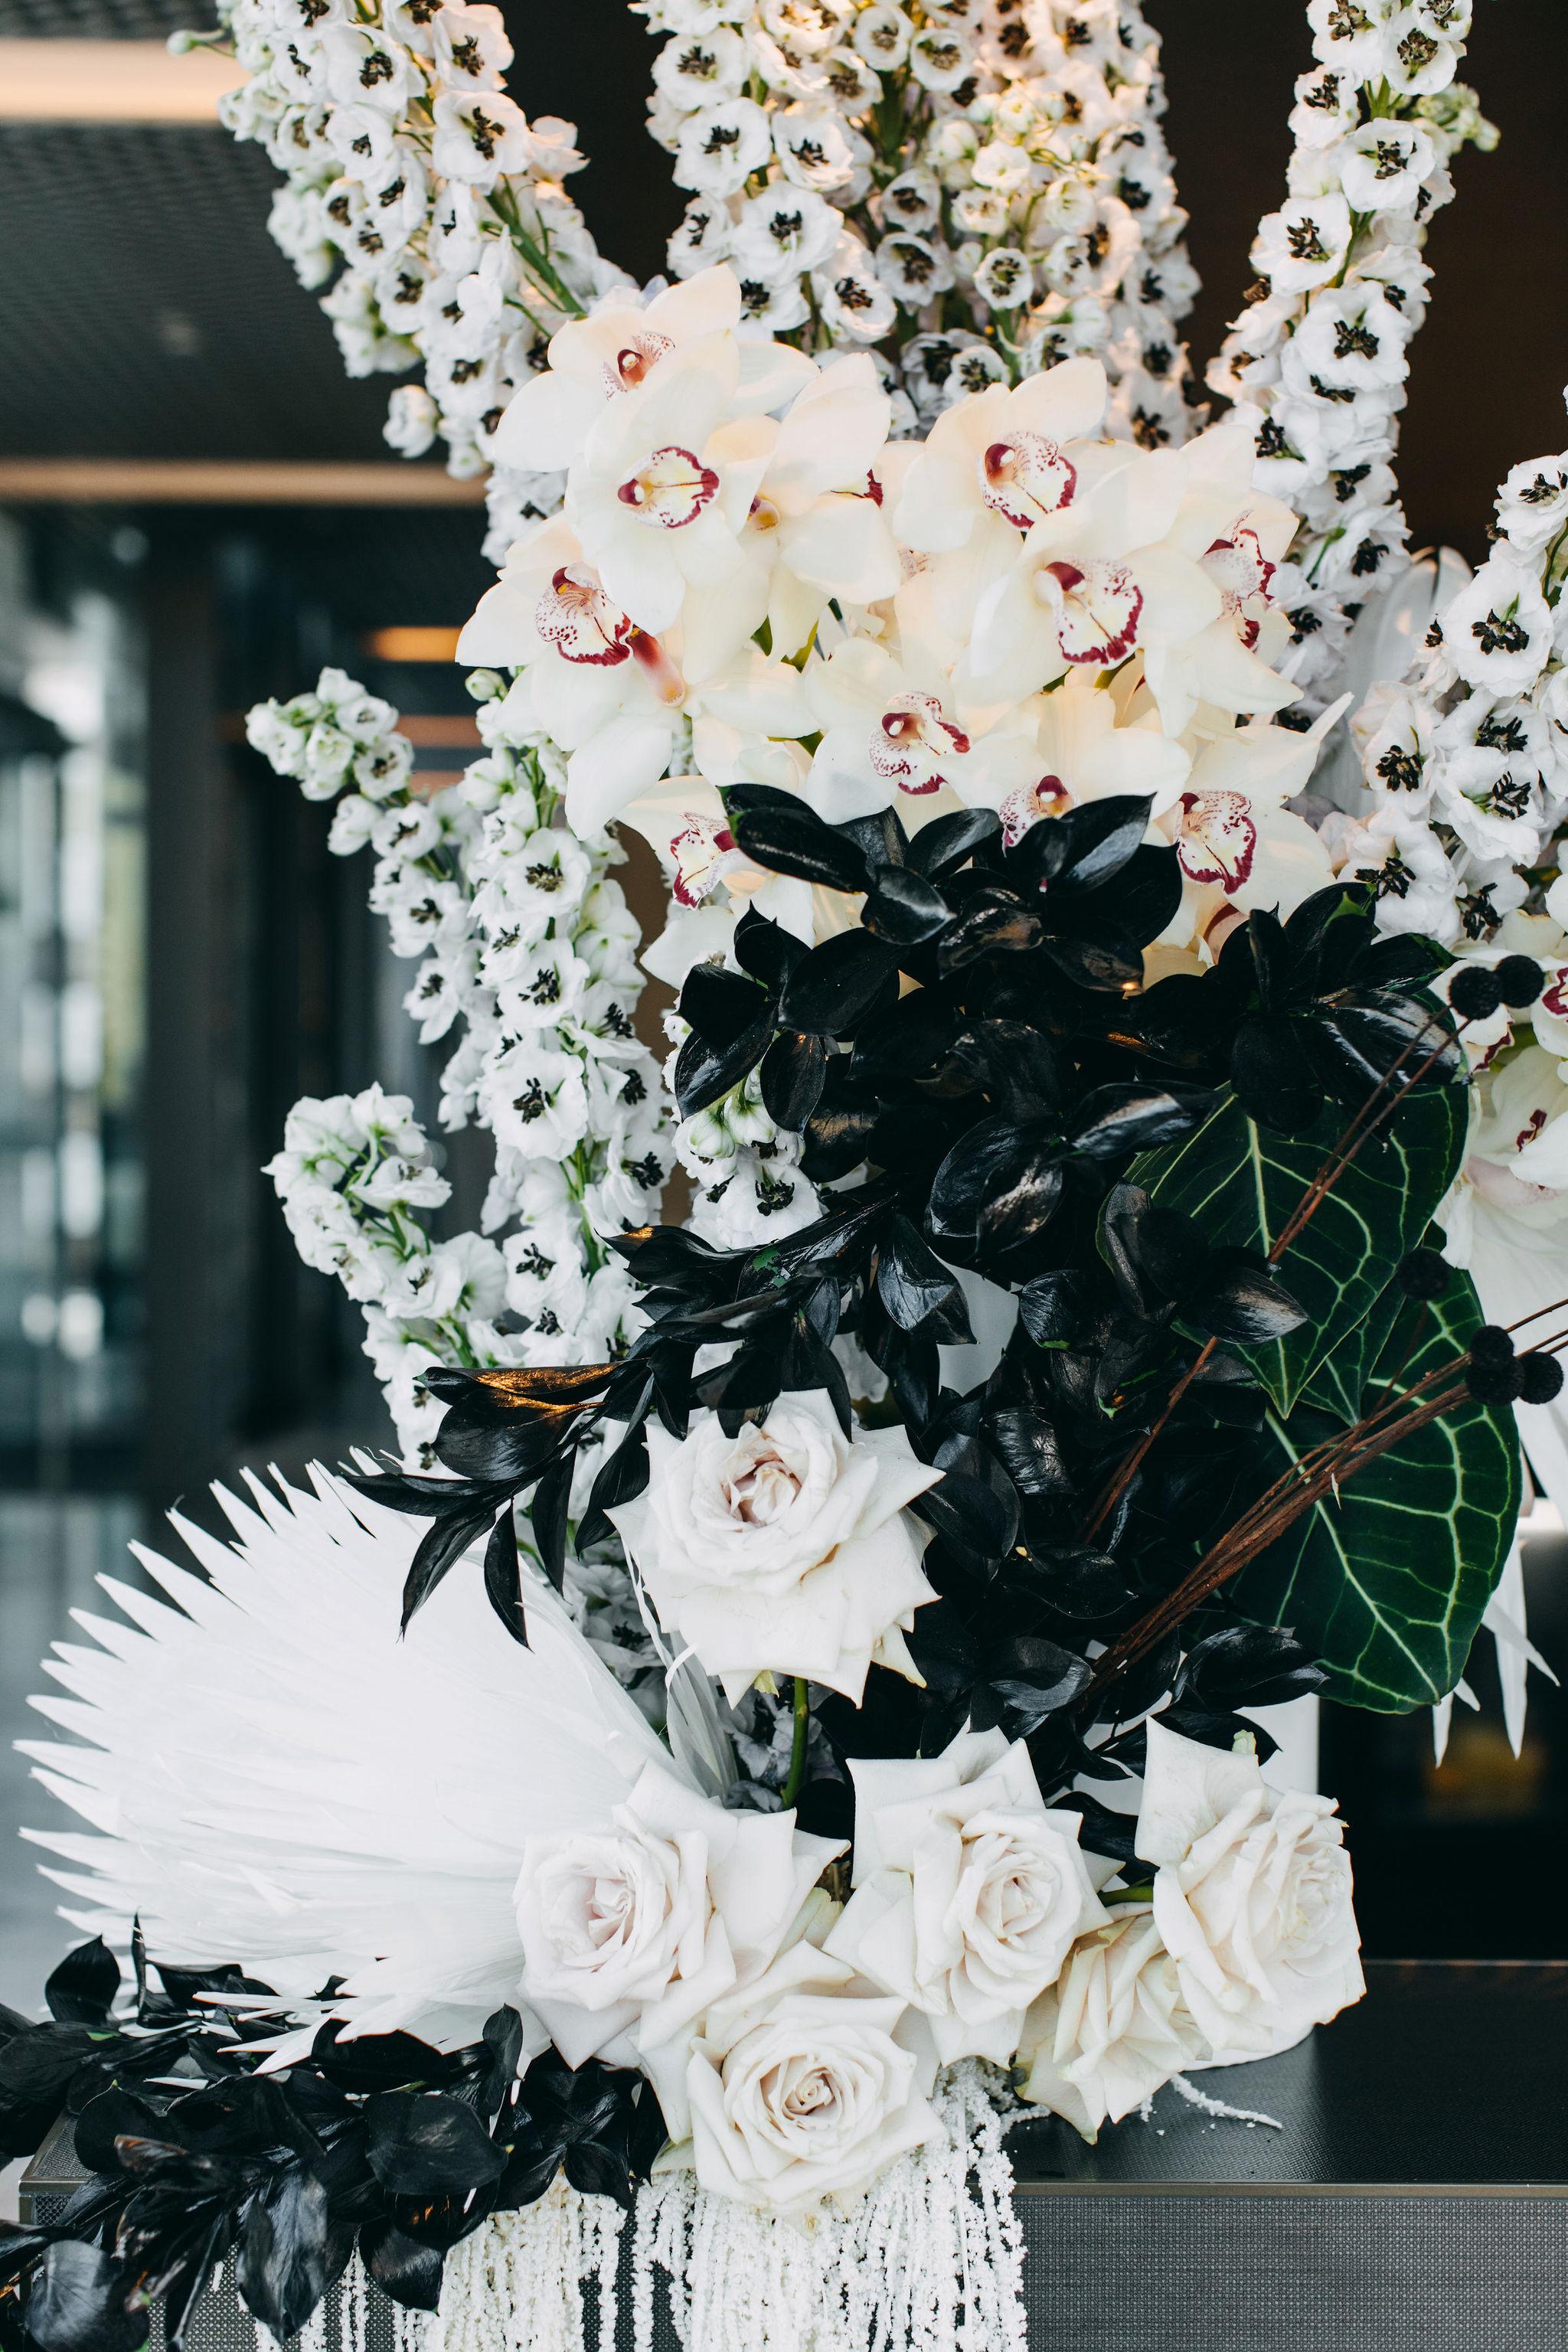 WEDDINGOPENDAY-STATEBUILDINGS-25AUG2019-107